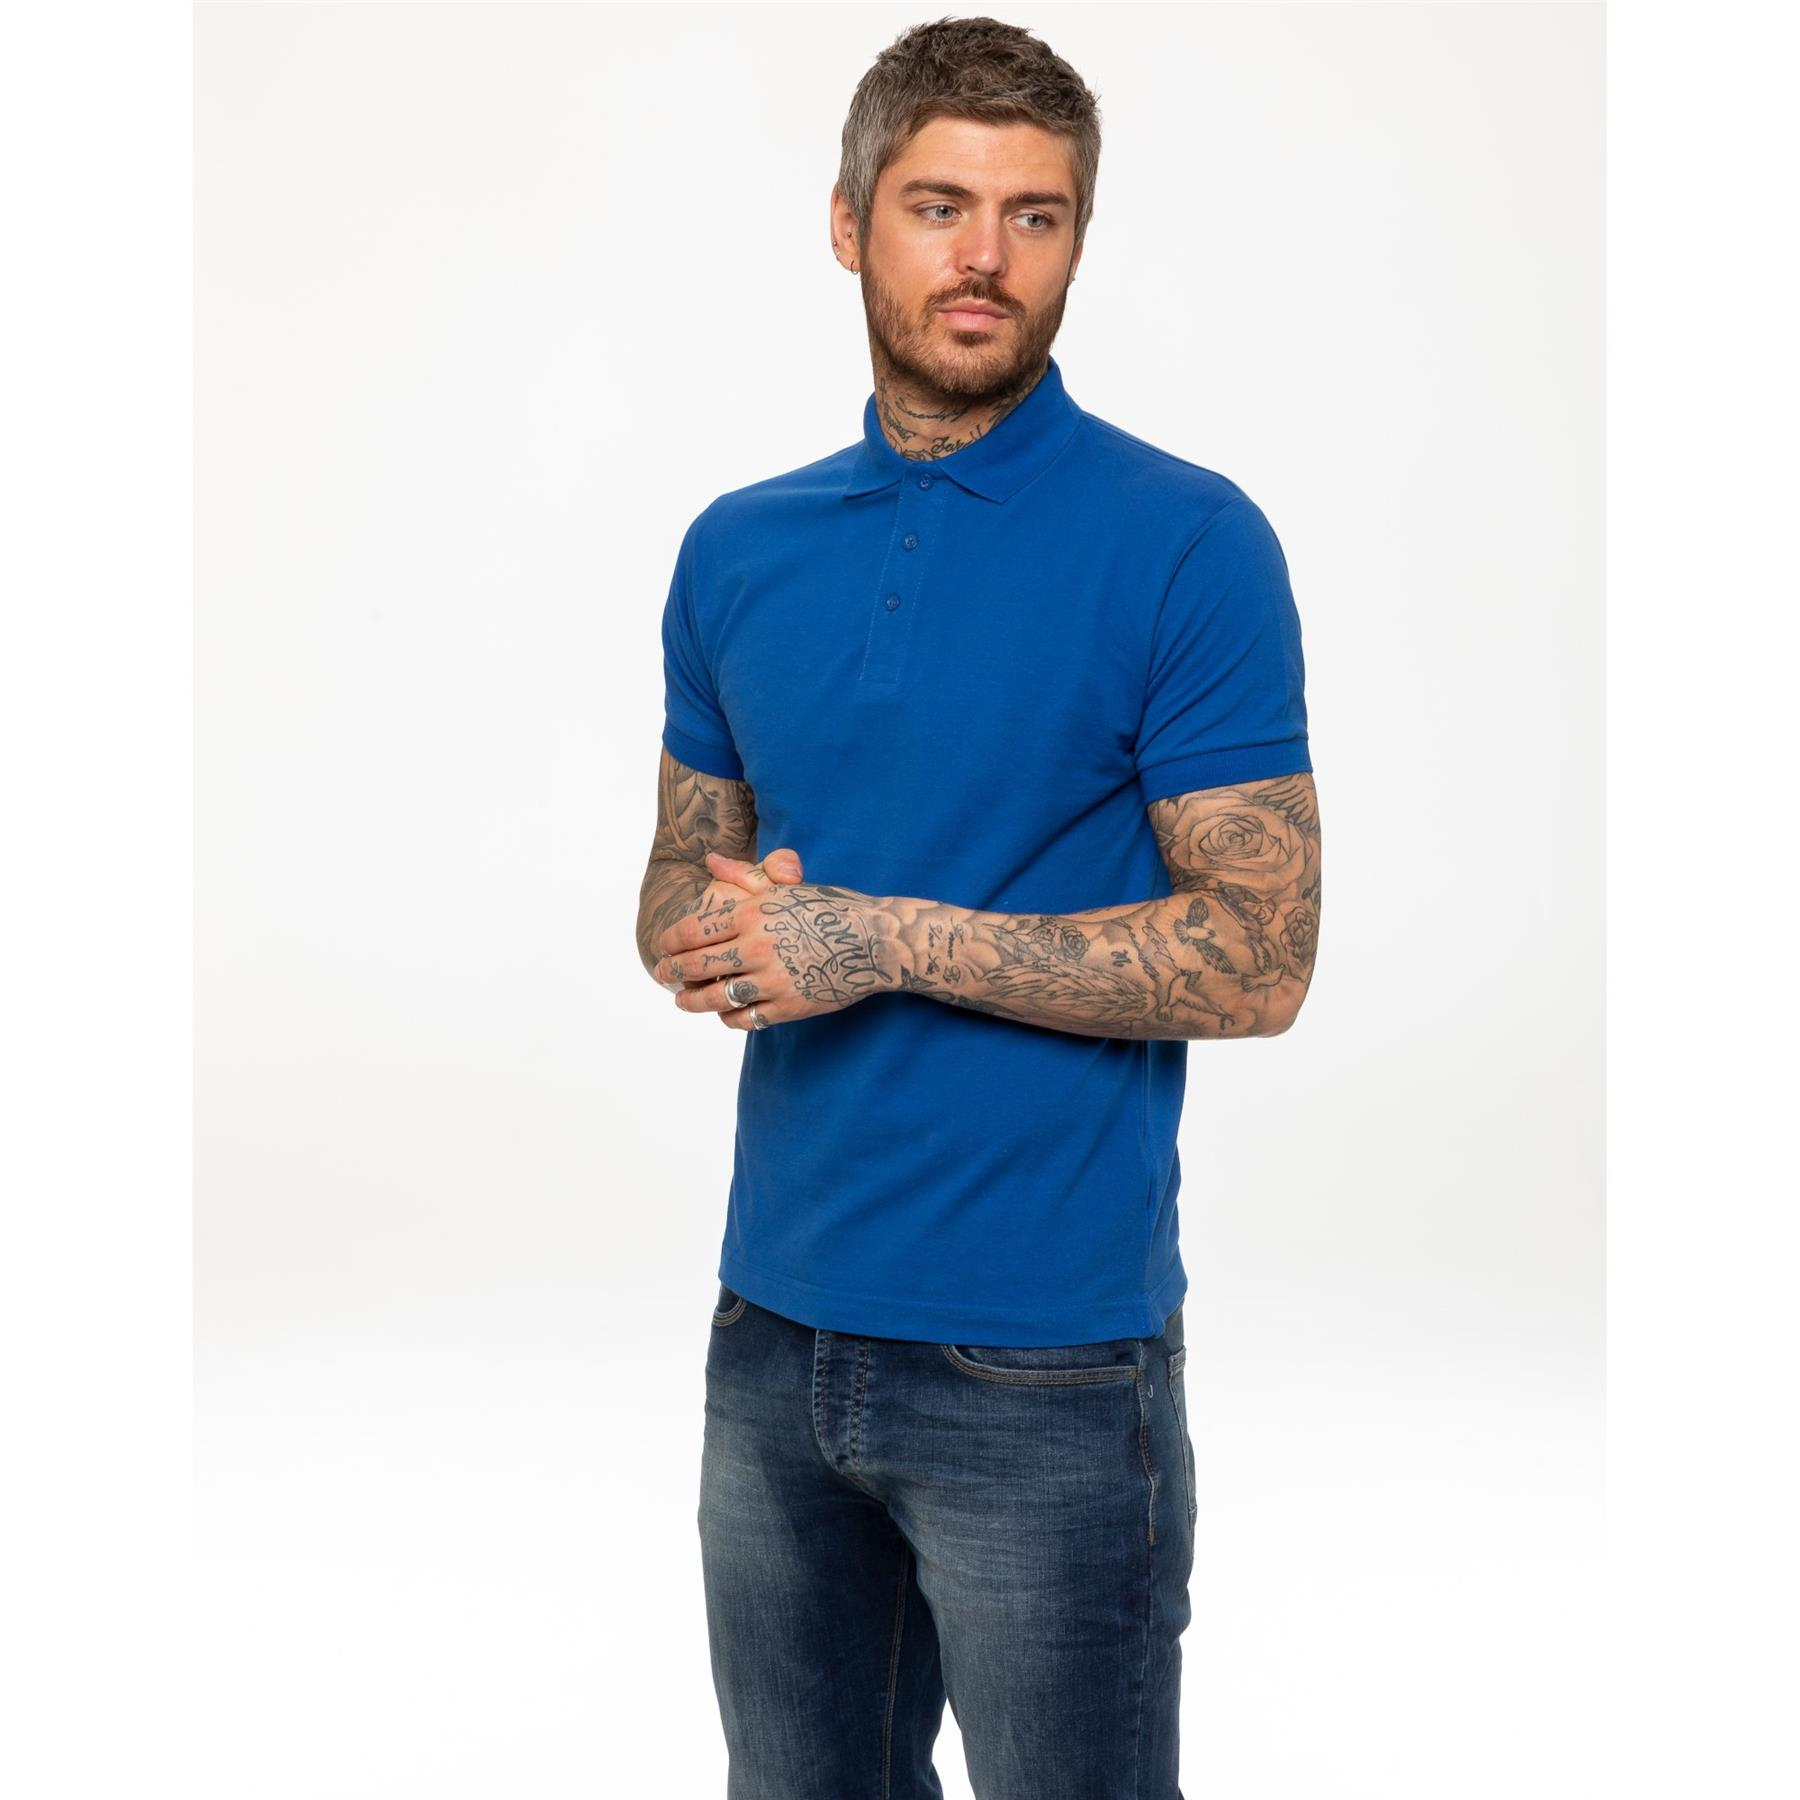 Indexbild 49 - Herren Polohemd Freizeit T-Shirts Neu Schlicht Kurzärmeliges Regular Fit